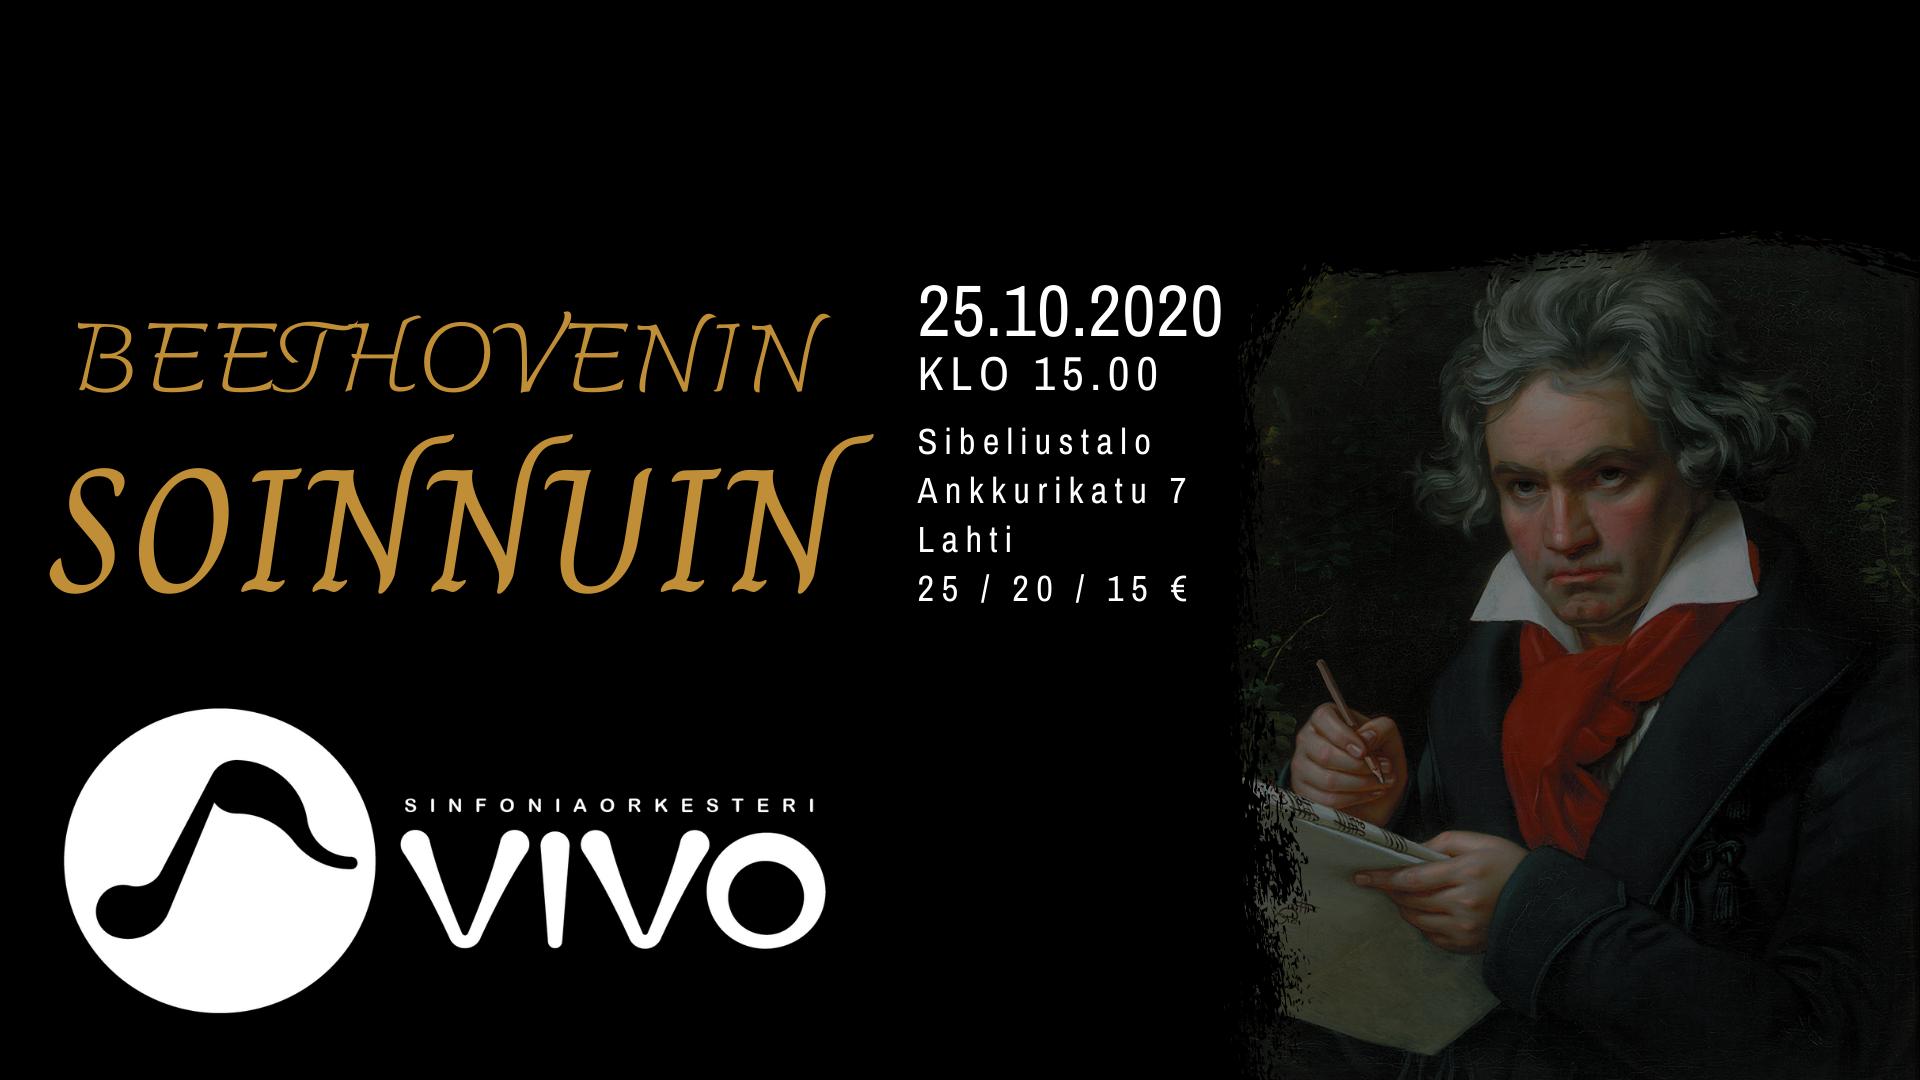 MENNYTTÄ: Beethovenin soinnuin